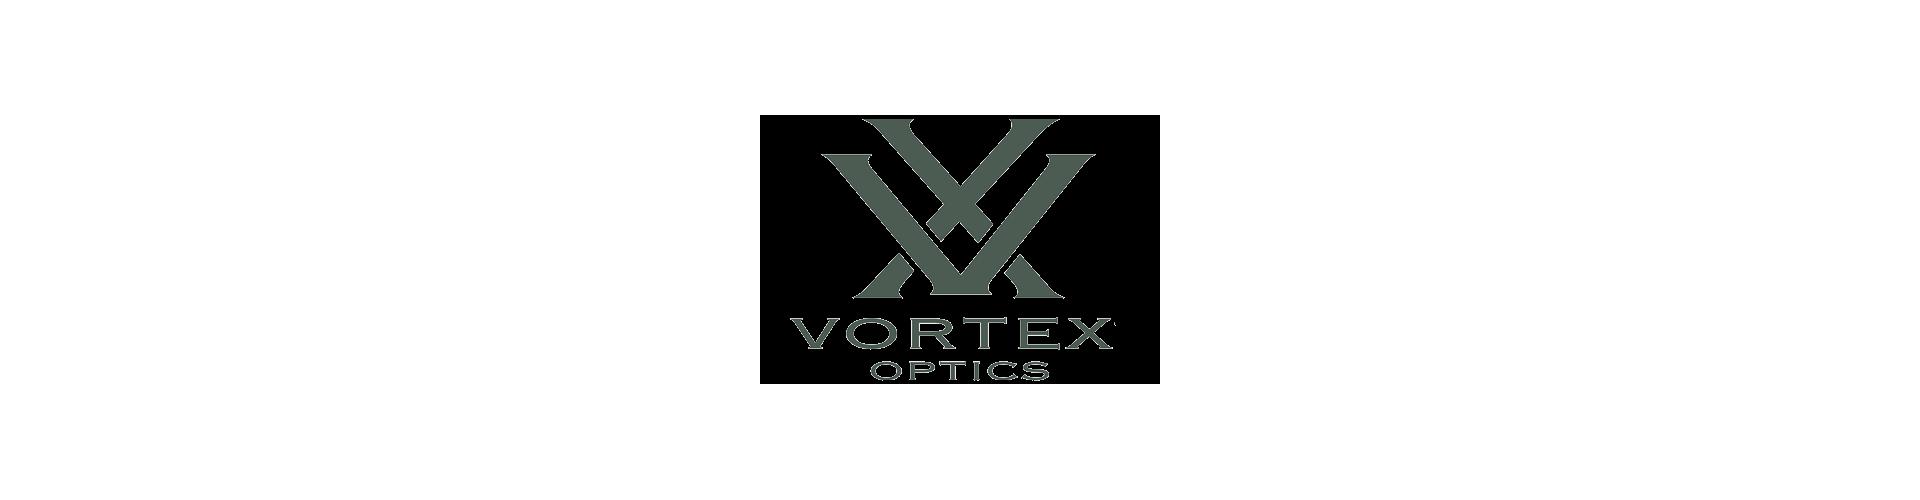 Vortex håndkikkert - Stort udvalg af Vortex Optics håndkikkerter